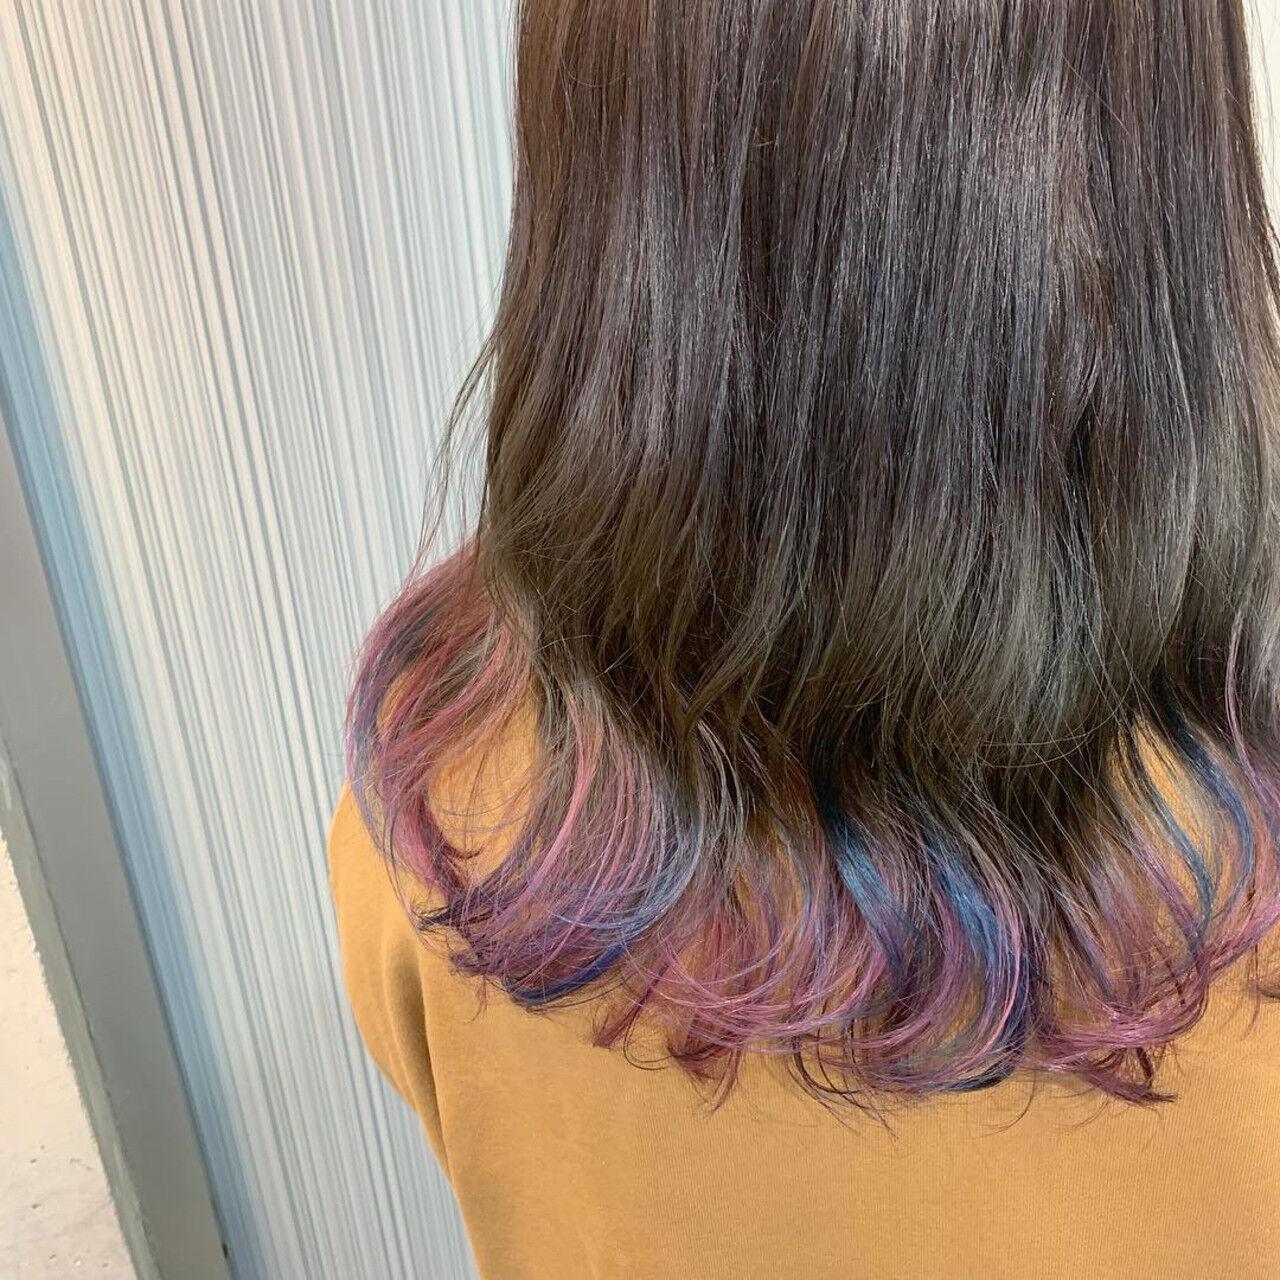 ダブルカラー ユニコーンカラー ストリート ミディアムヘアスタイルや髪型の写真・画像